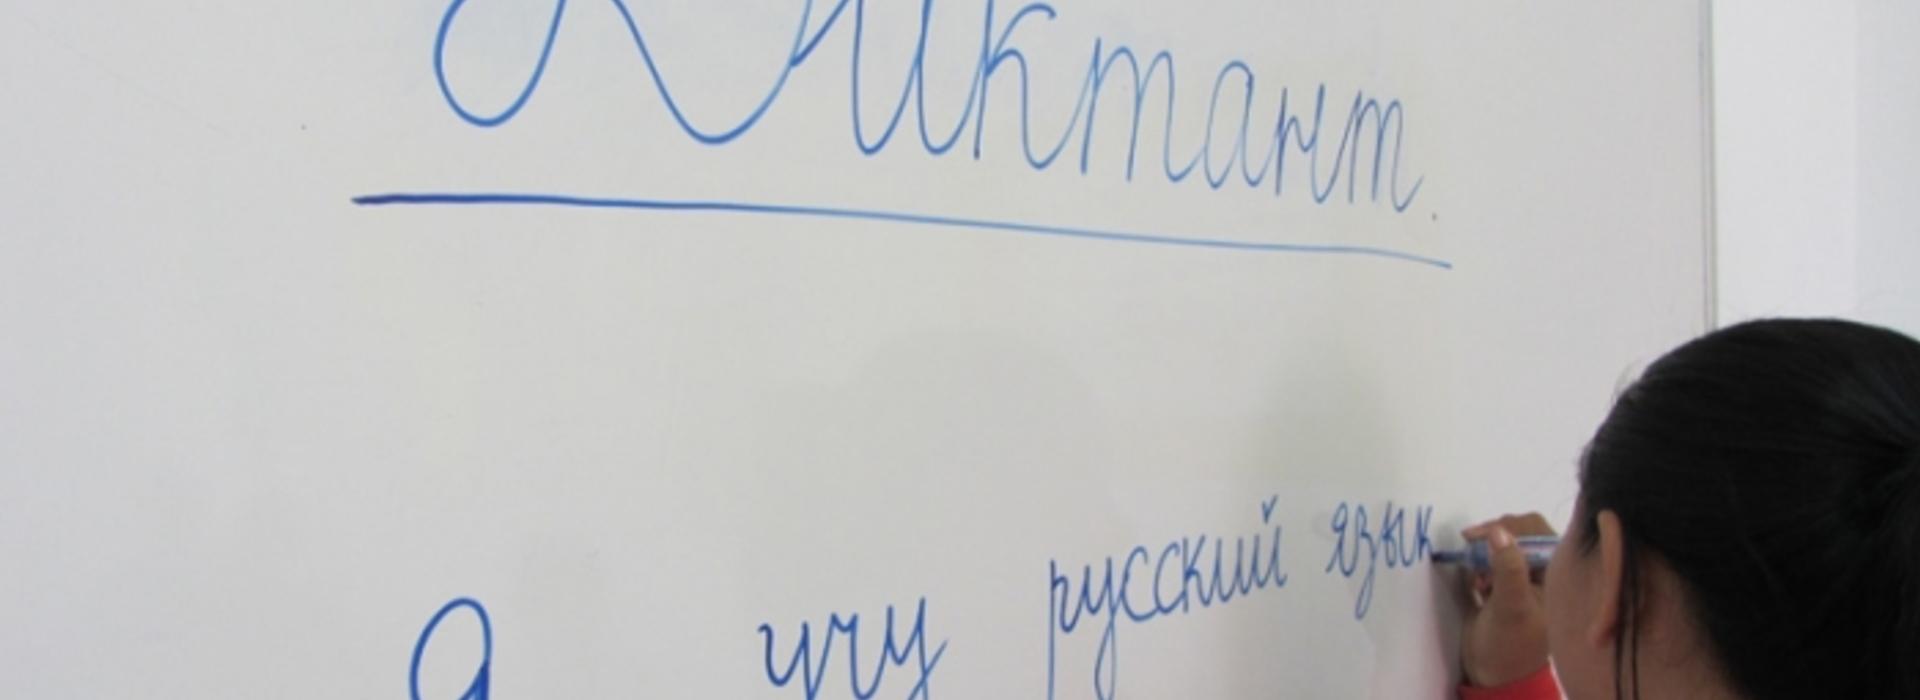 Кафедра методики обучения филологическим дисциплинам